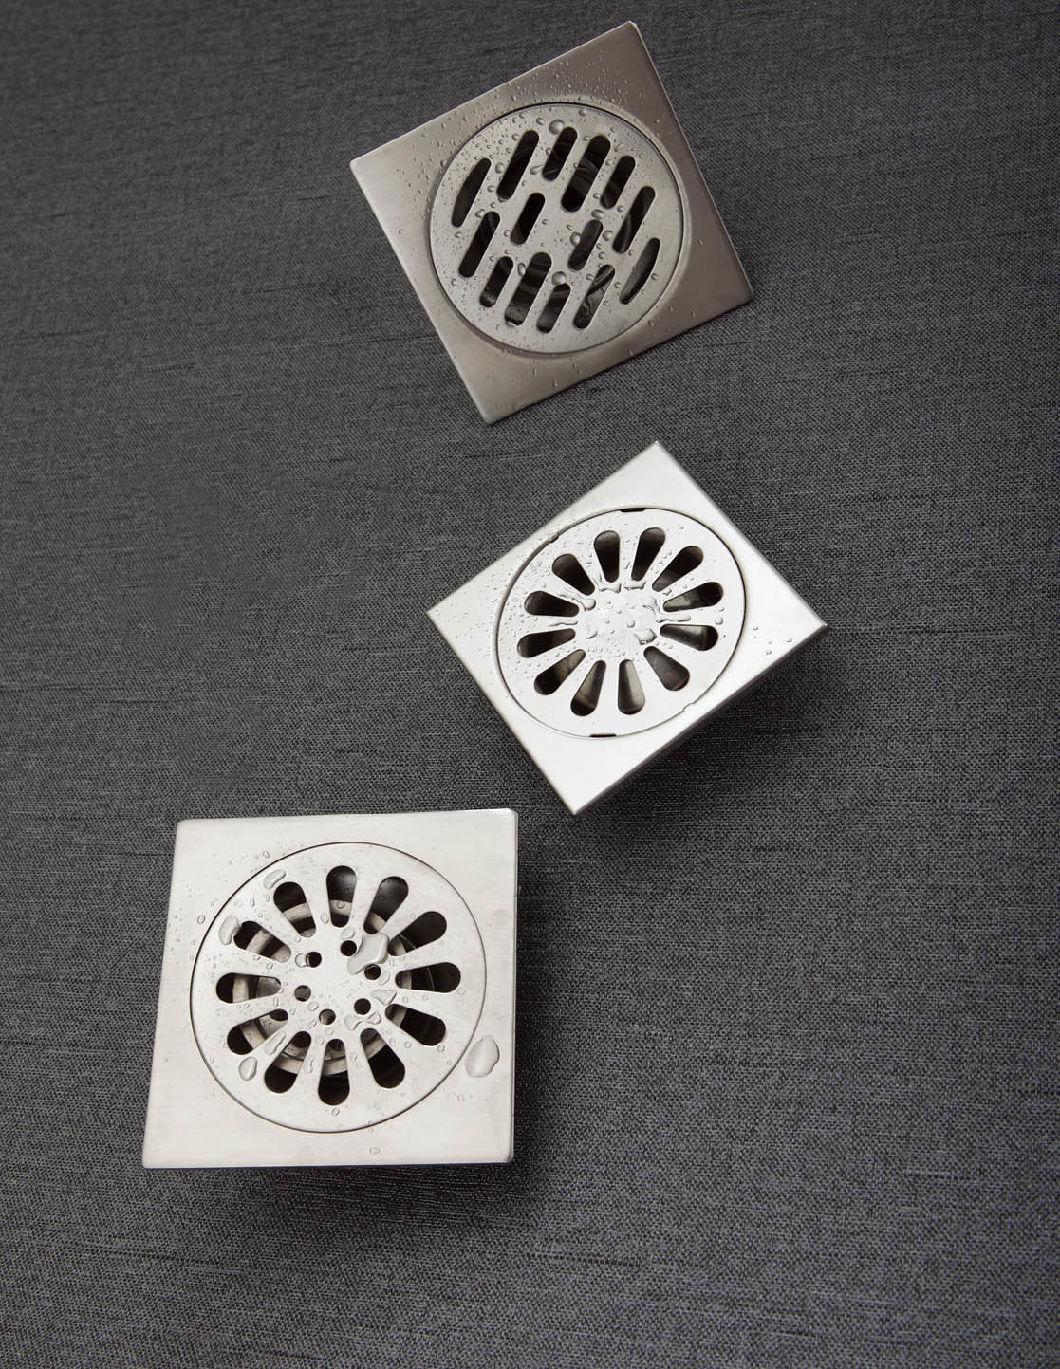 304 Stainless Steel Bathroom Floor Drain